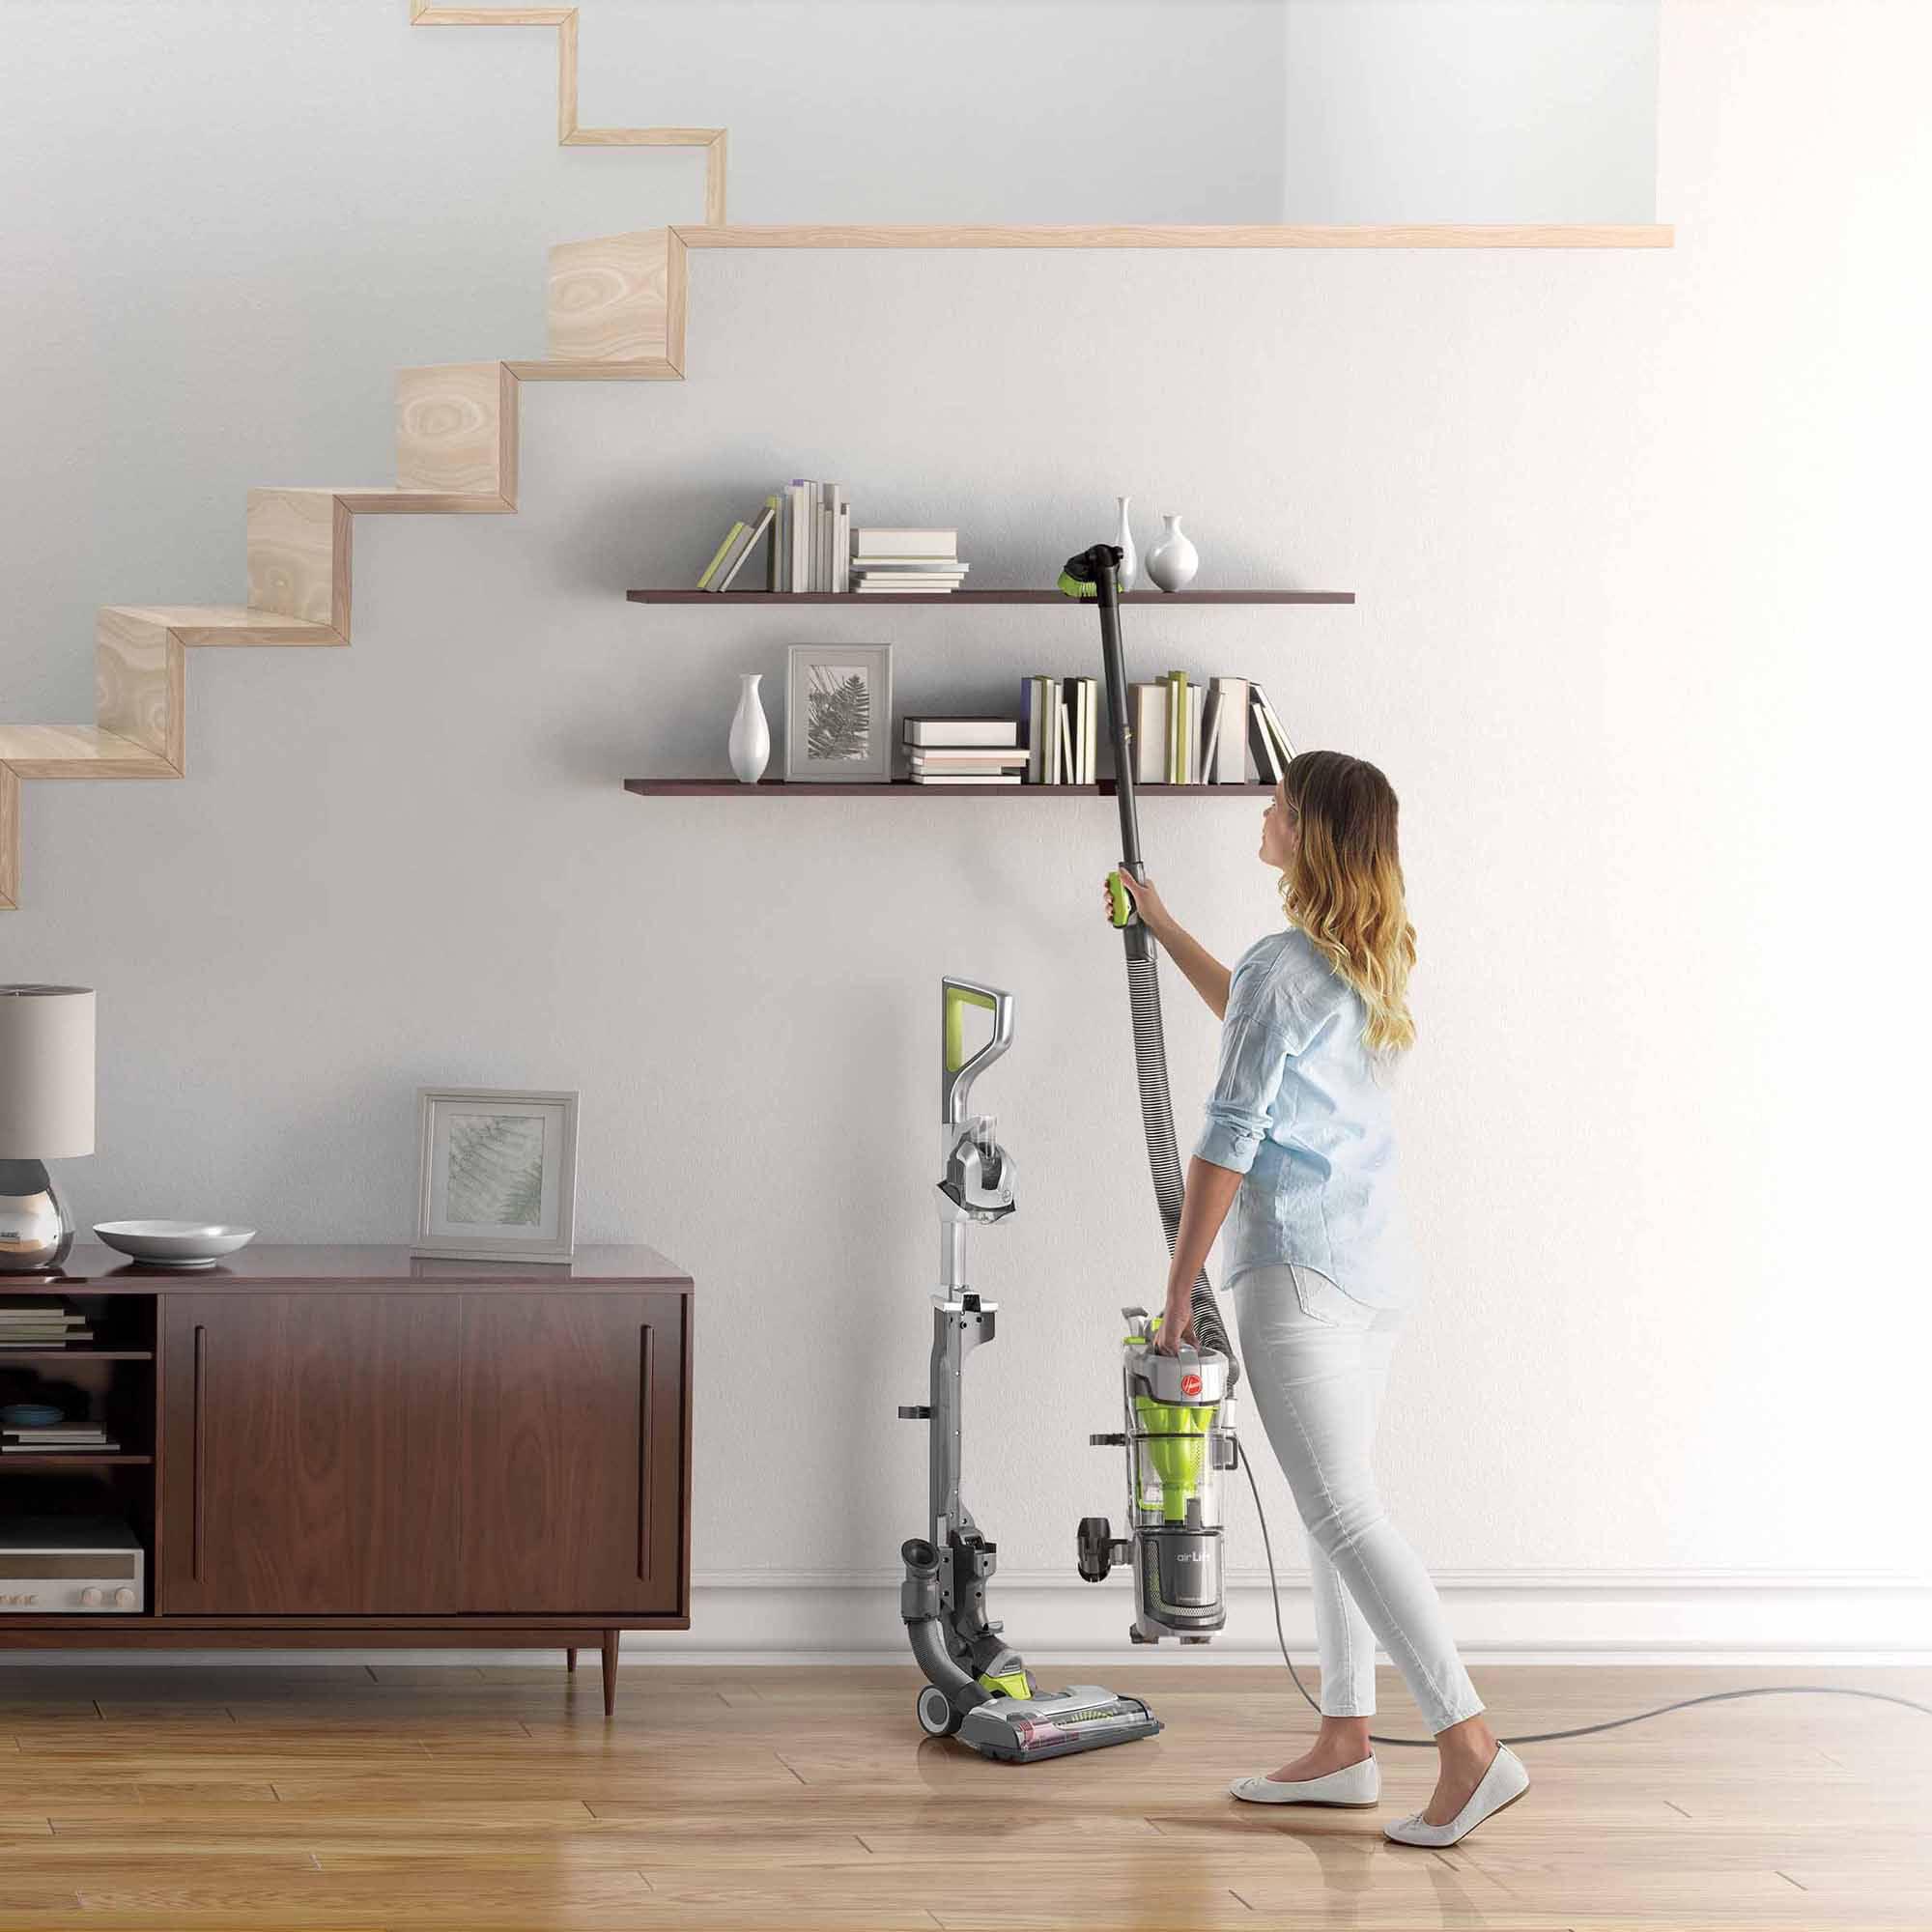 Superb Hoover Air Lift Bagless Upright Lift Away Vacuum, UH72510   Walmart.com